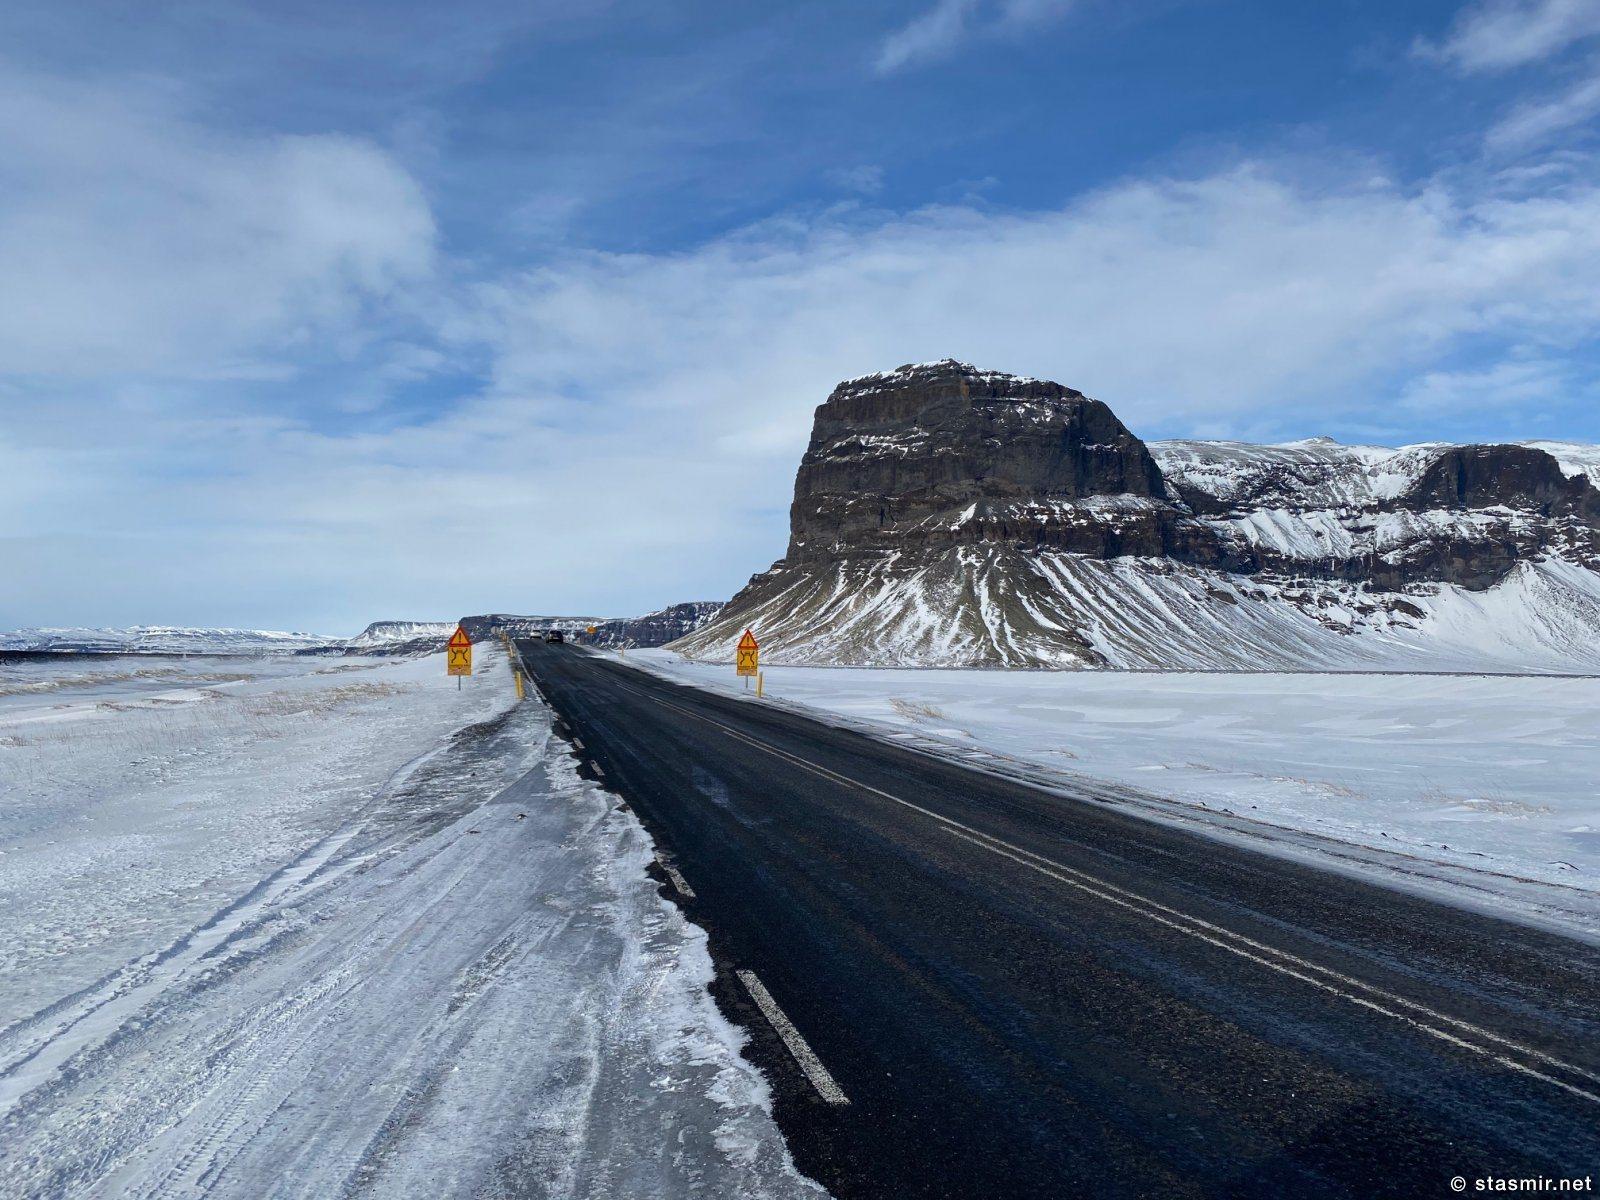 Исландия зимой, фото Стасмир, photo Stasmir